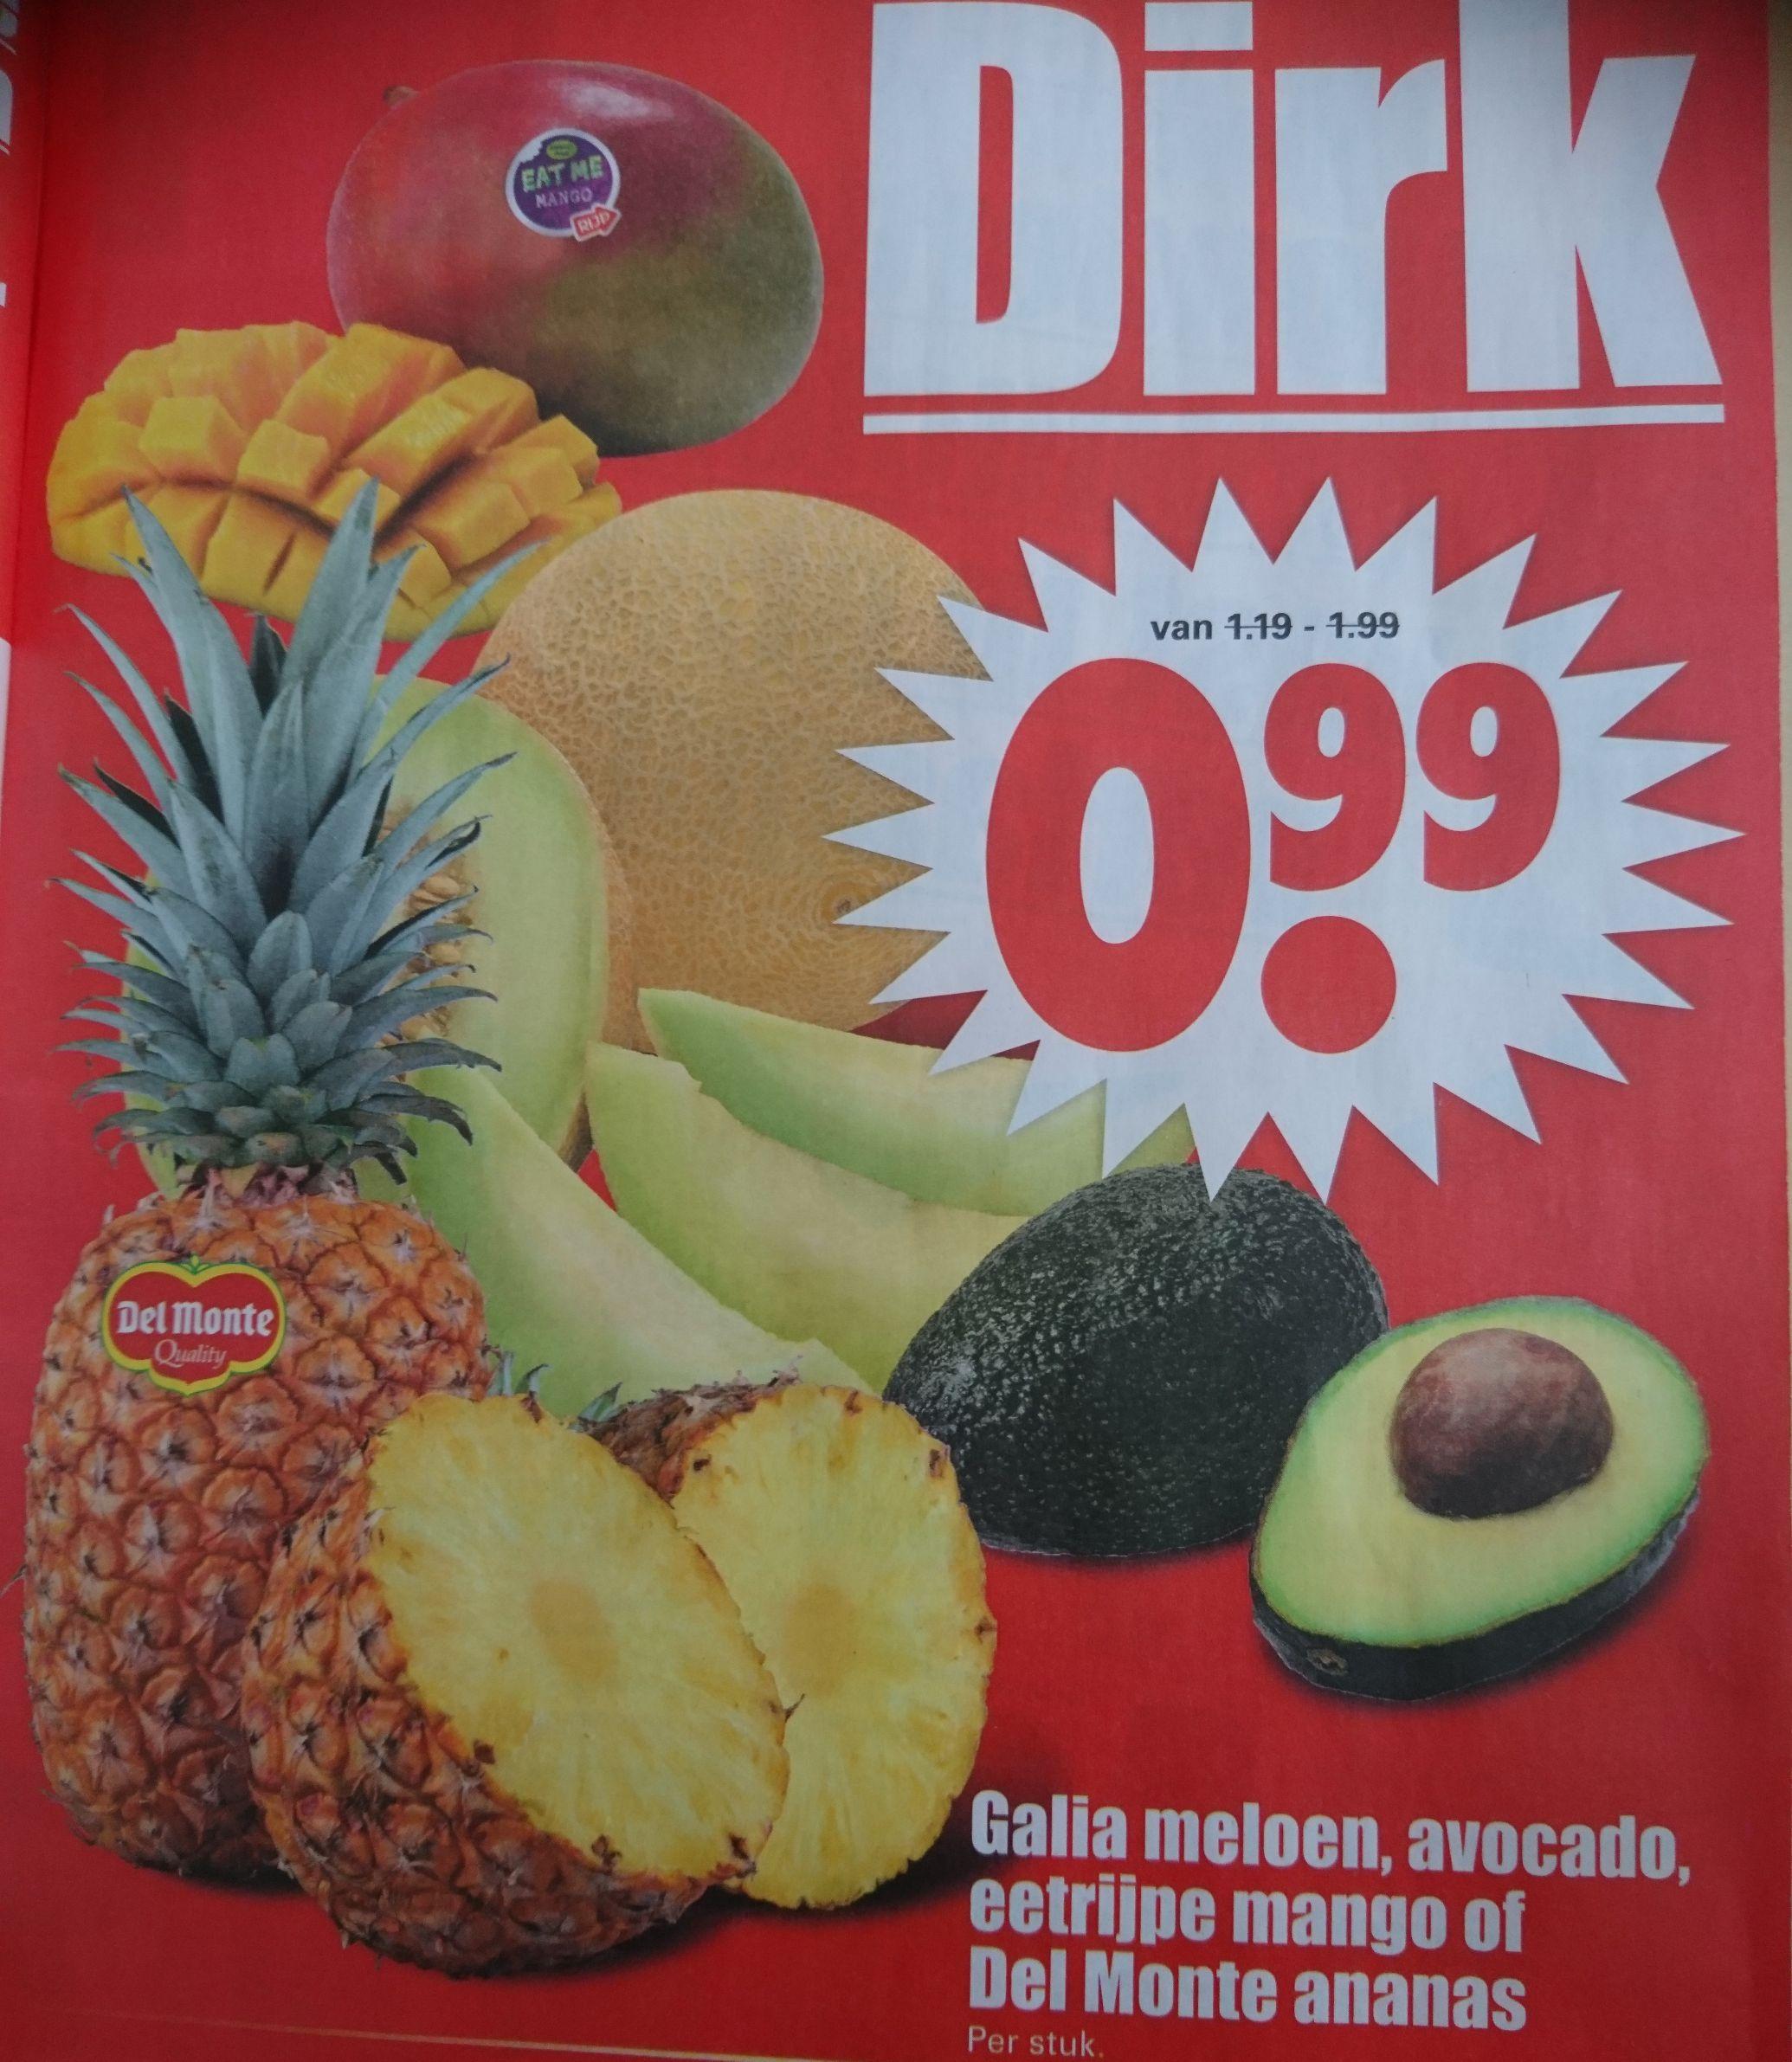 Bij Dirk Galia meloen, avocado, mango, Del Monte ananas